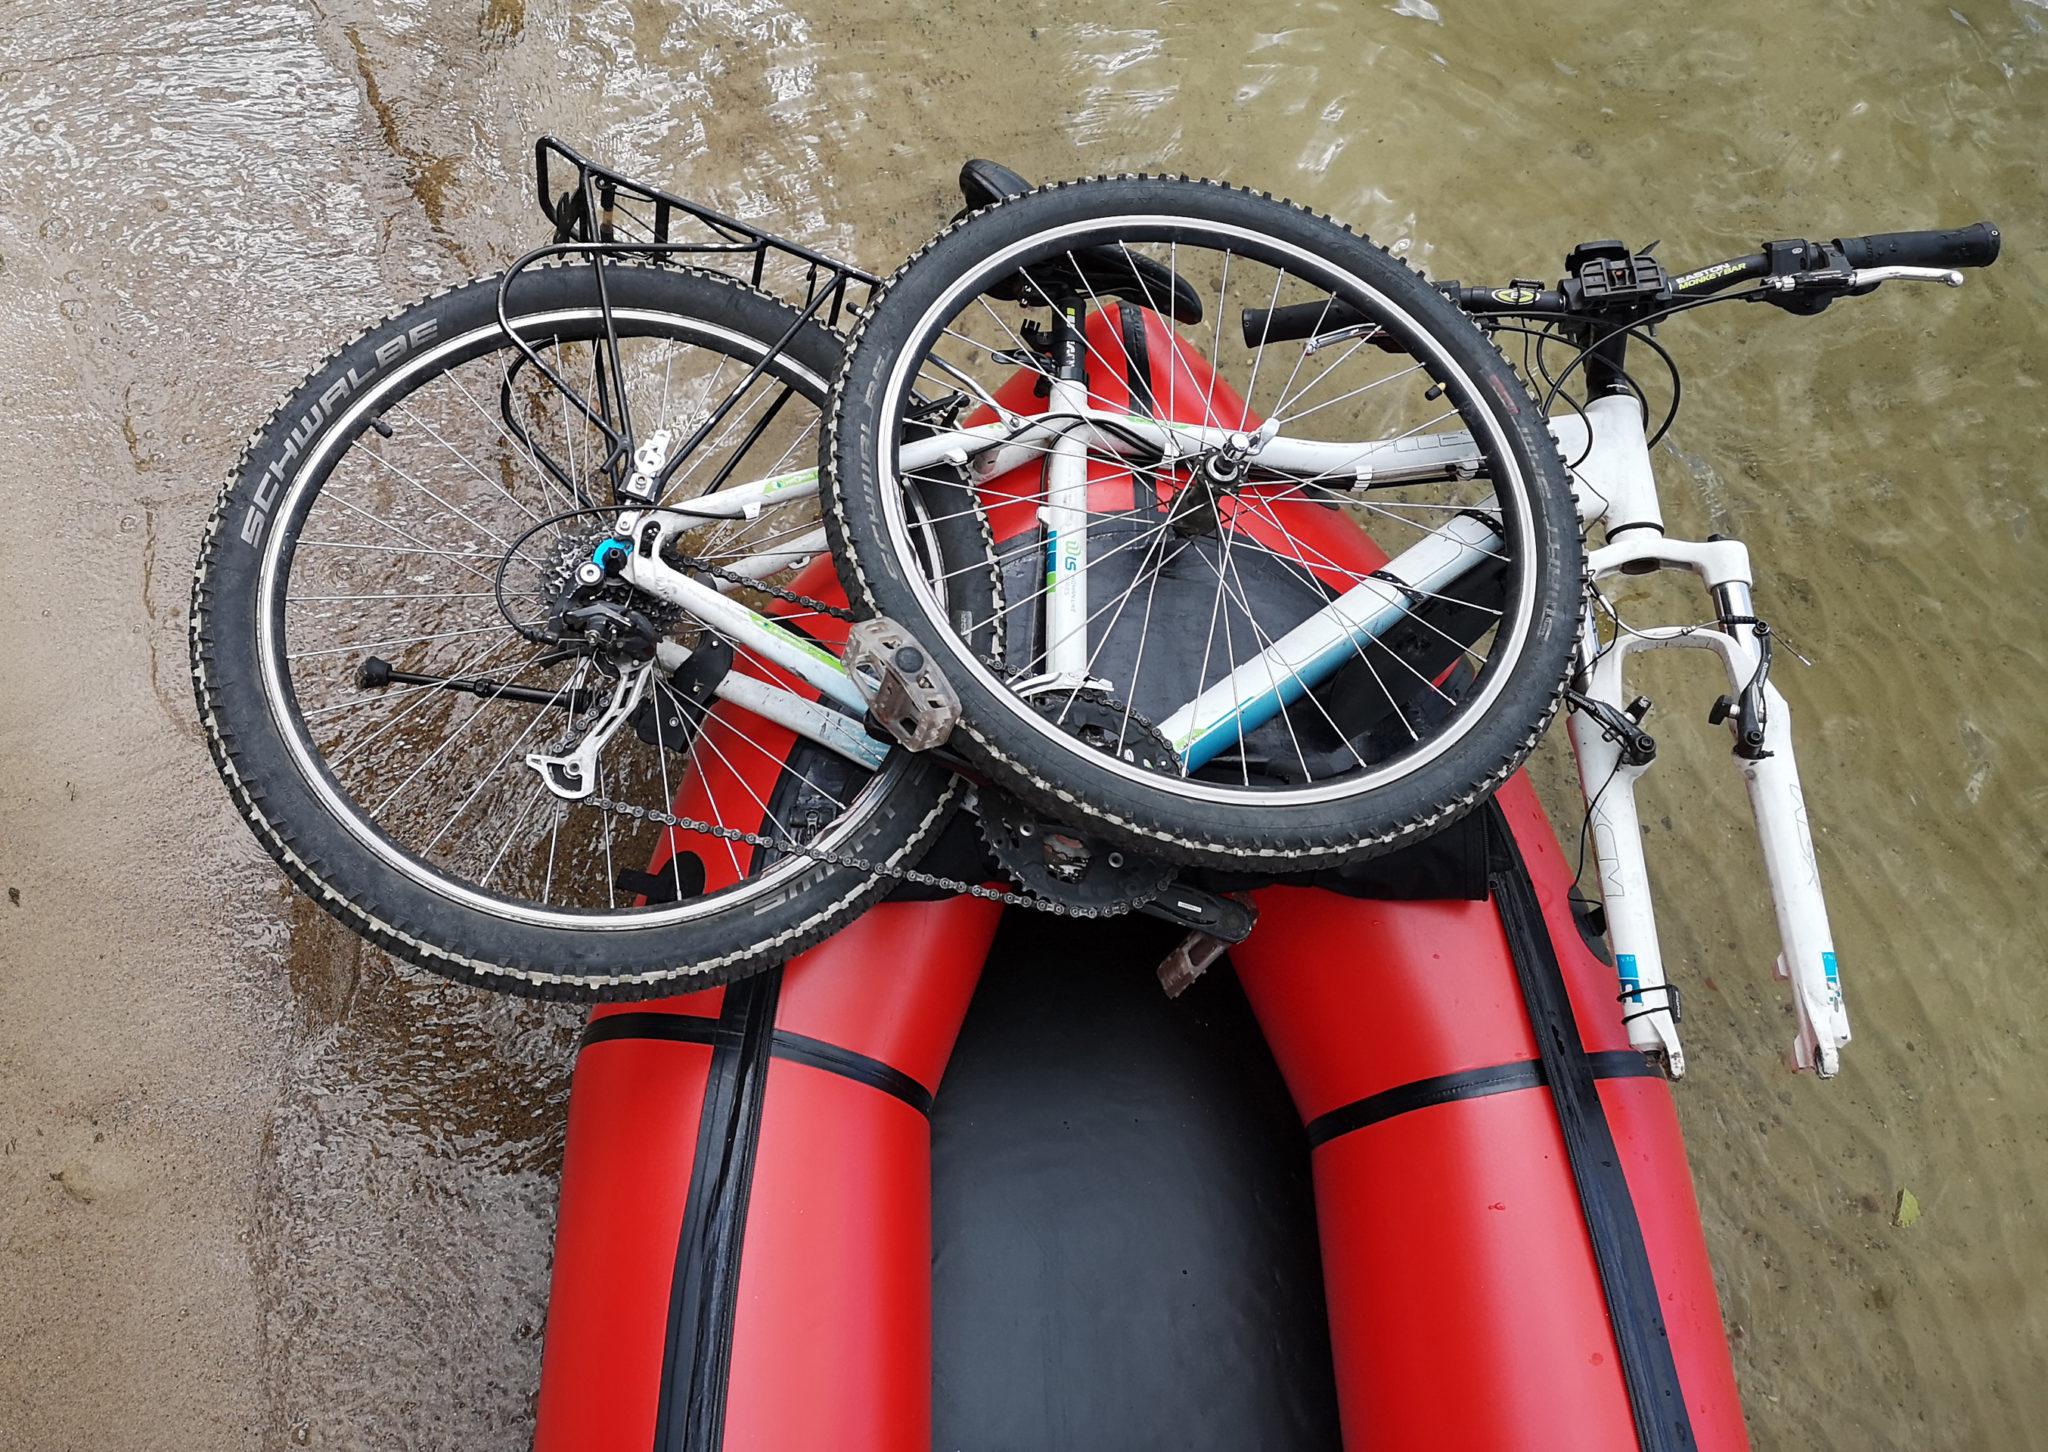 Ułożenie roweru w poprzek (MRS Microraft)